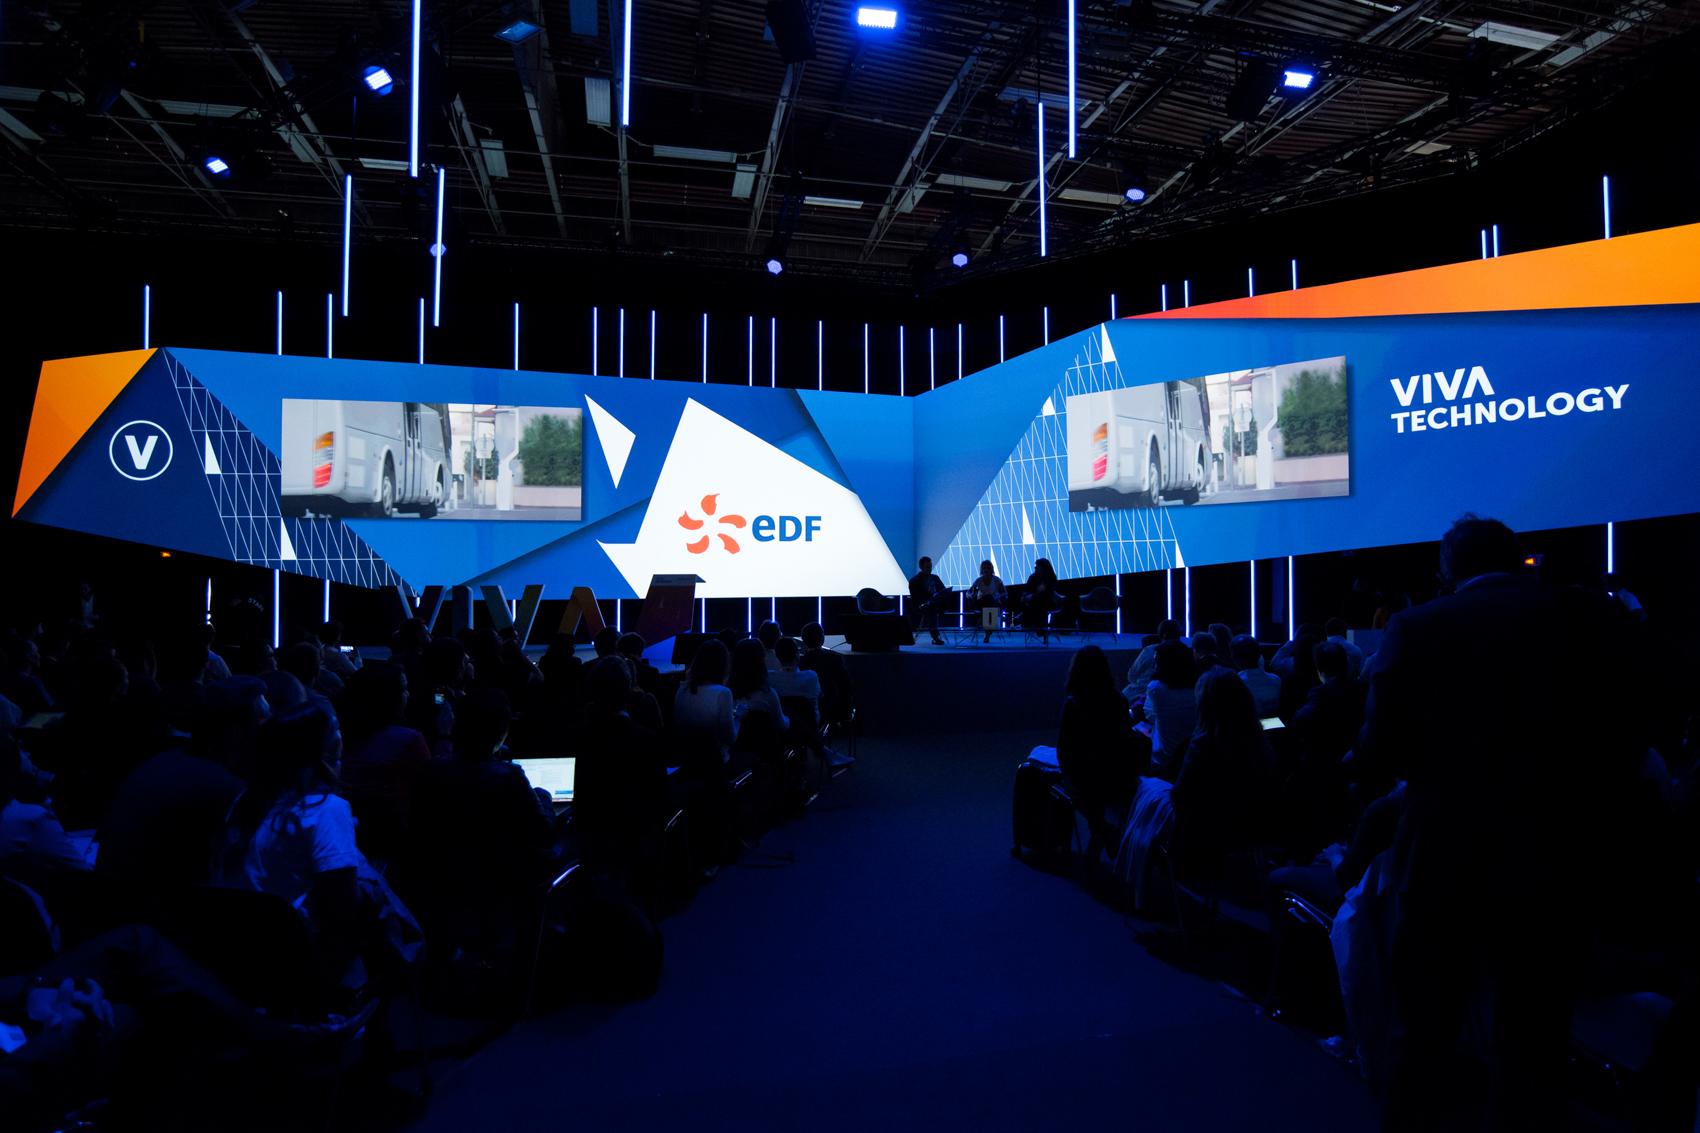 Photographie et vidéo événementielle EDF